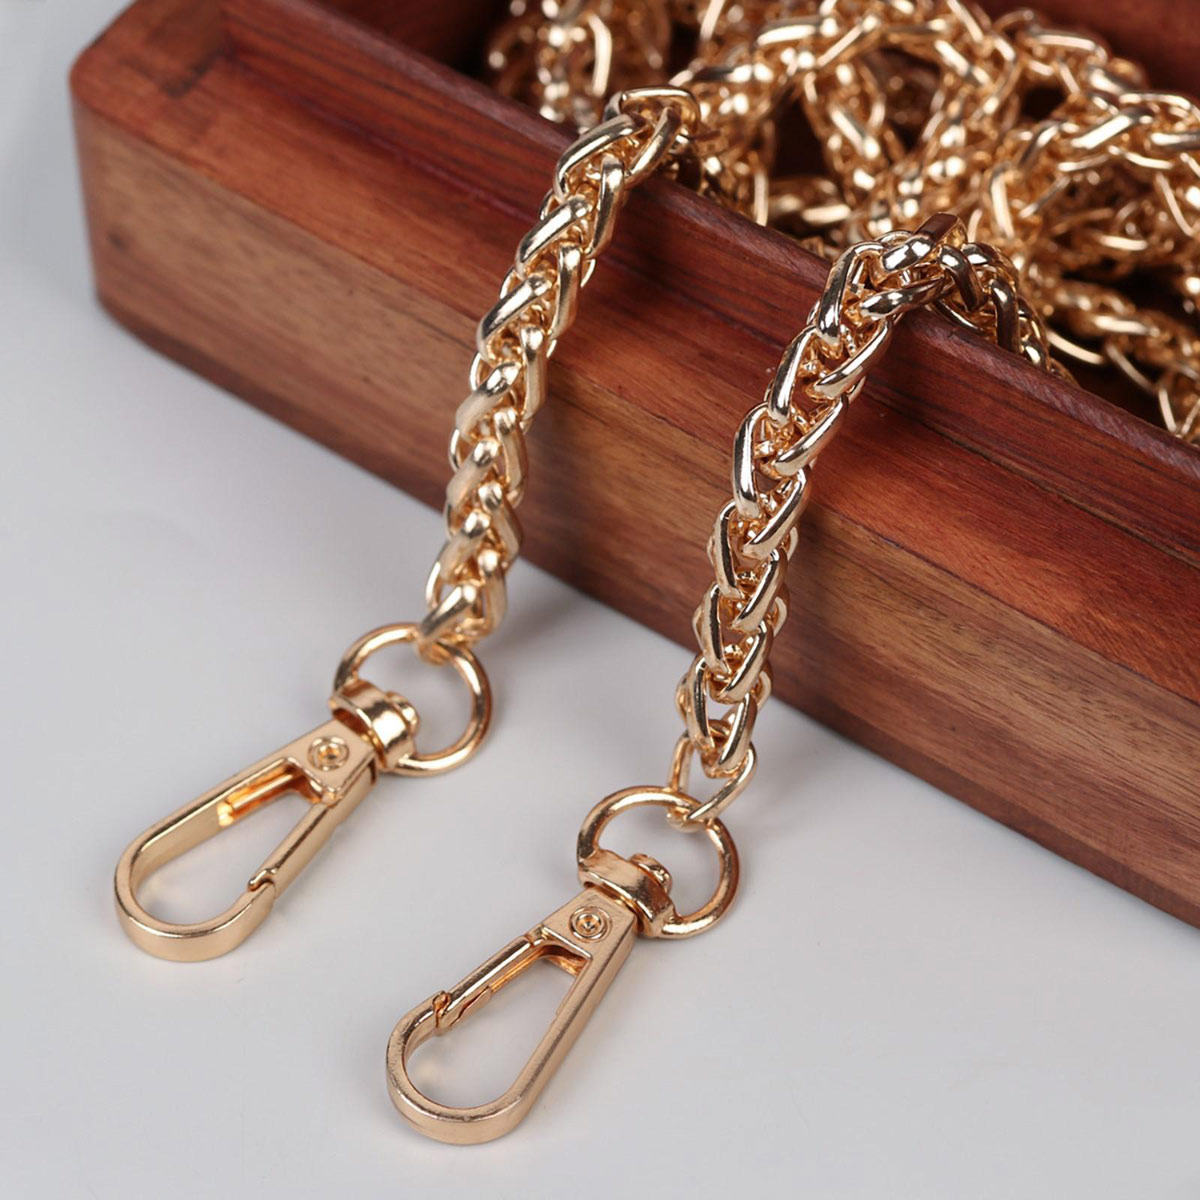 5294063 Цепочка для сумки с карабинами железо d0,7см*120см золотой